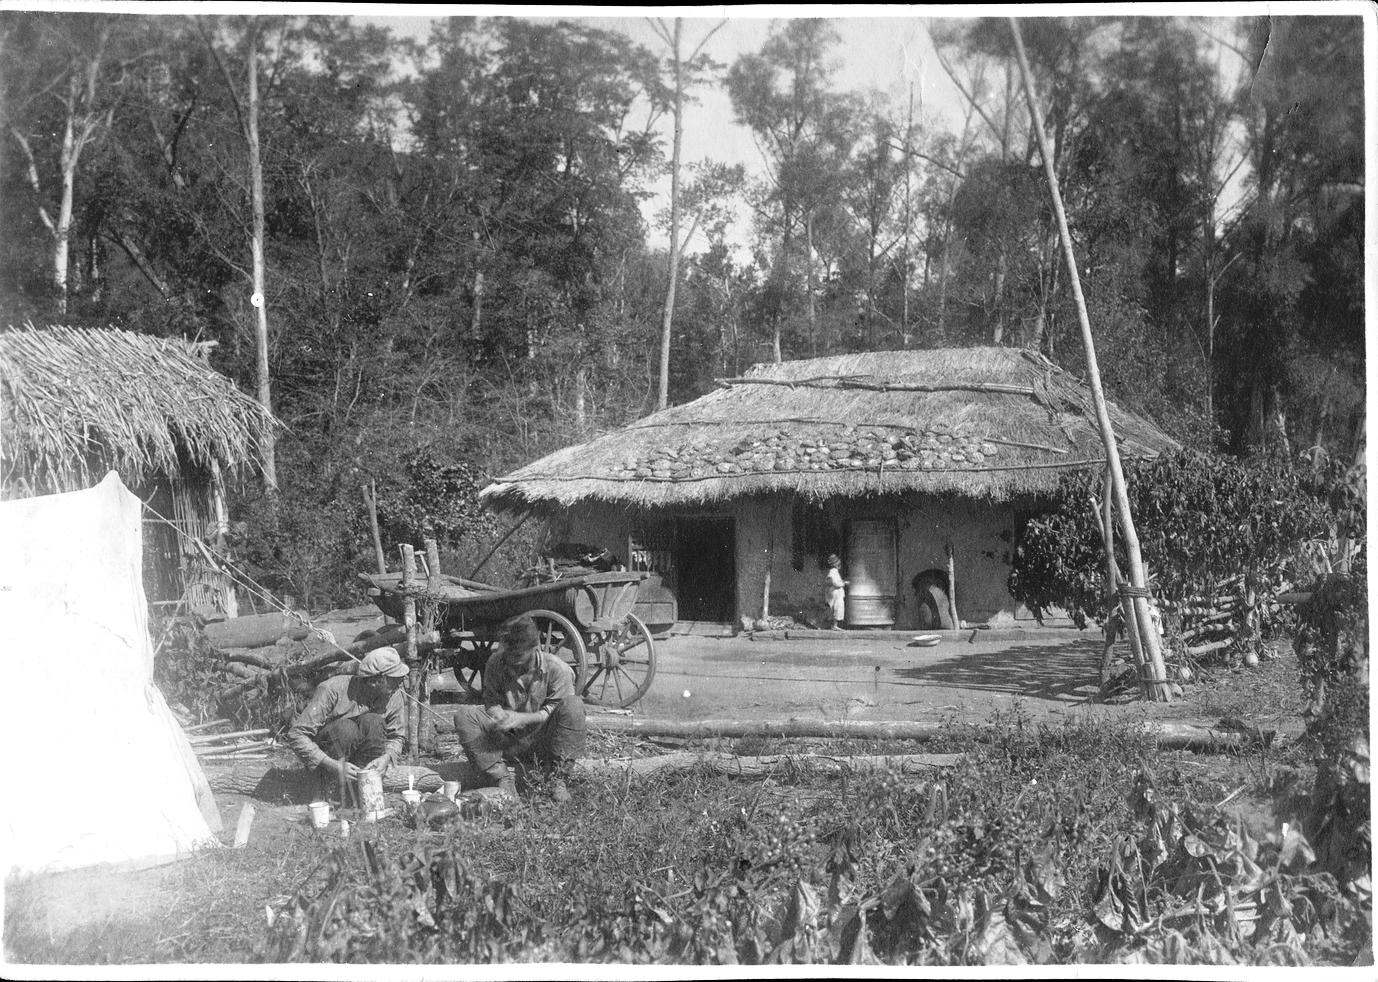 Базовый лагерь экспедиции Павлова М. А. рядом с жилищем местных жителей